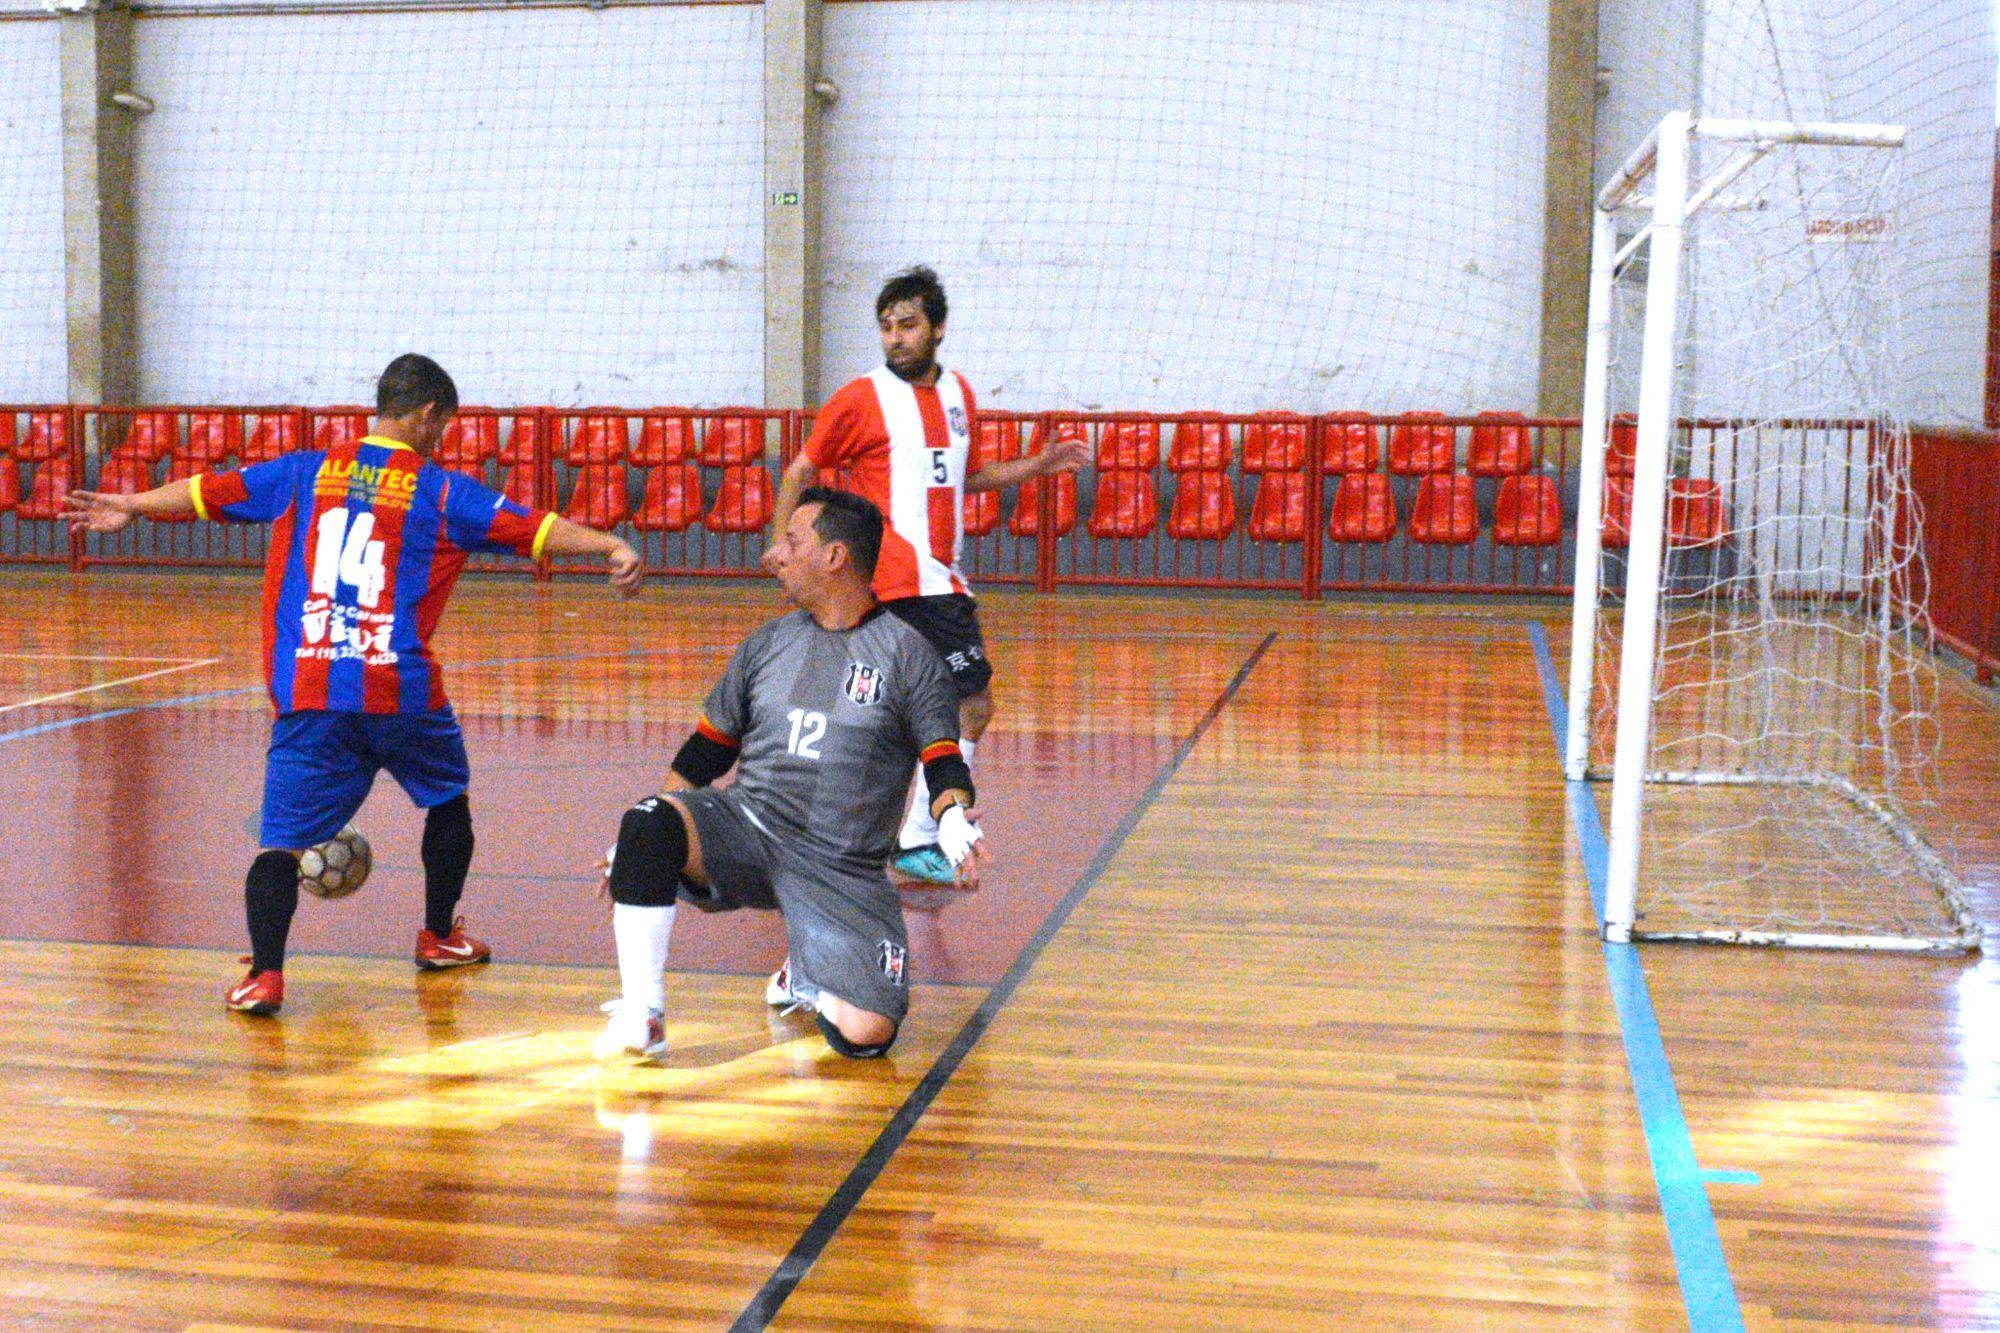 clube de campo, quadra, ginásio, taça, futsal, papagaio, Foguinho/Imprensa SMetal